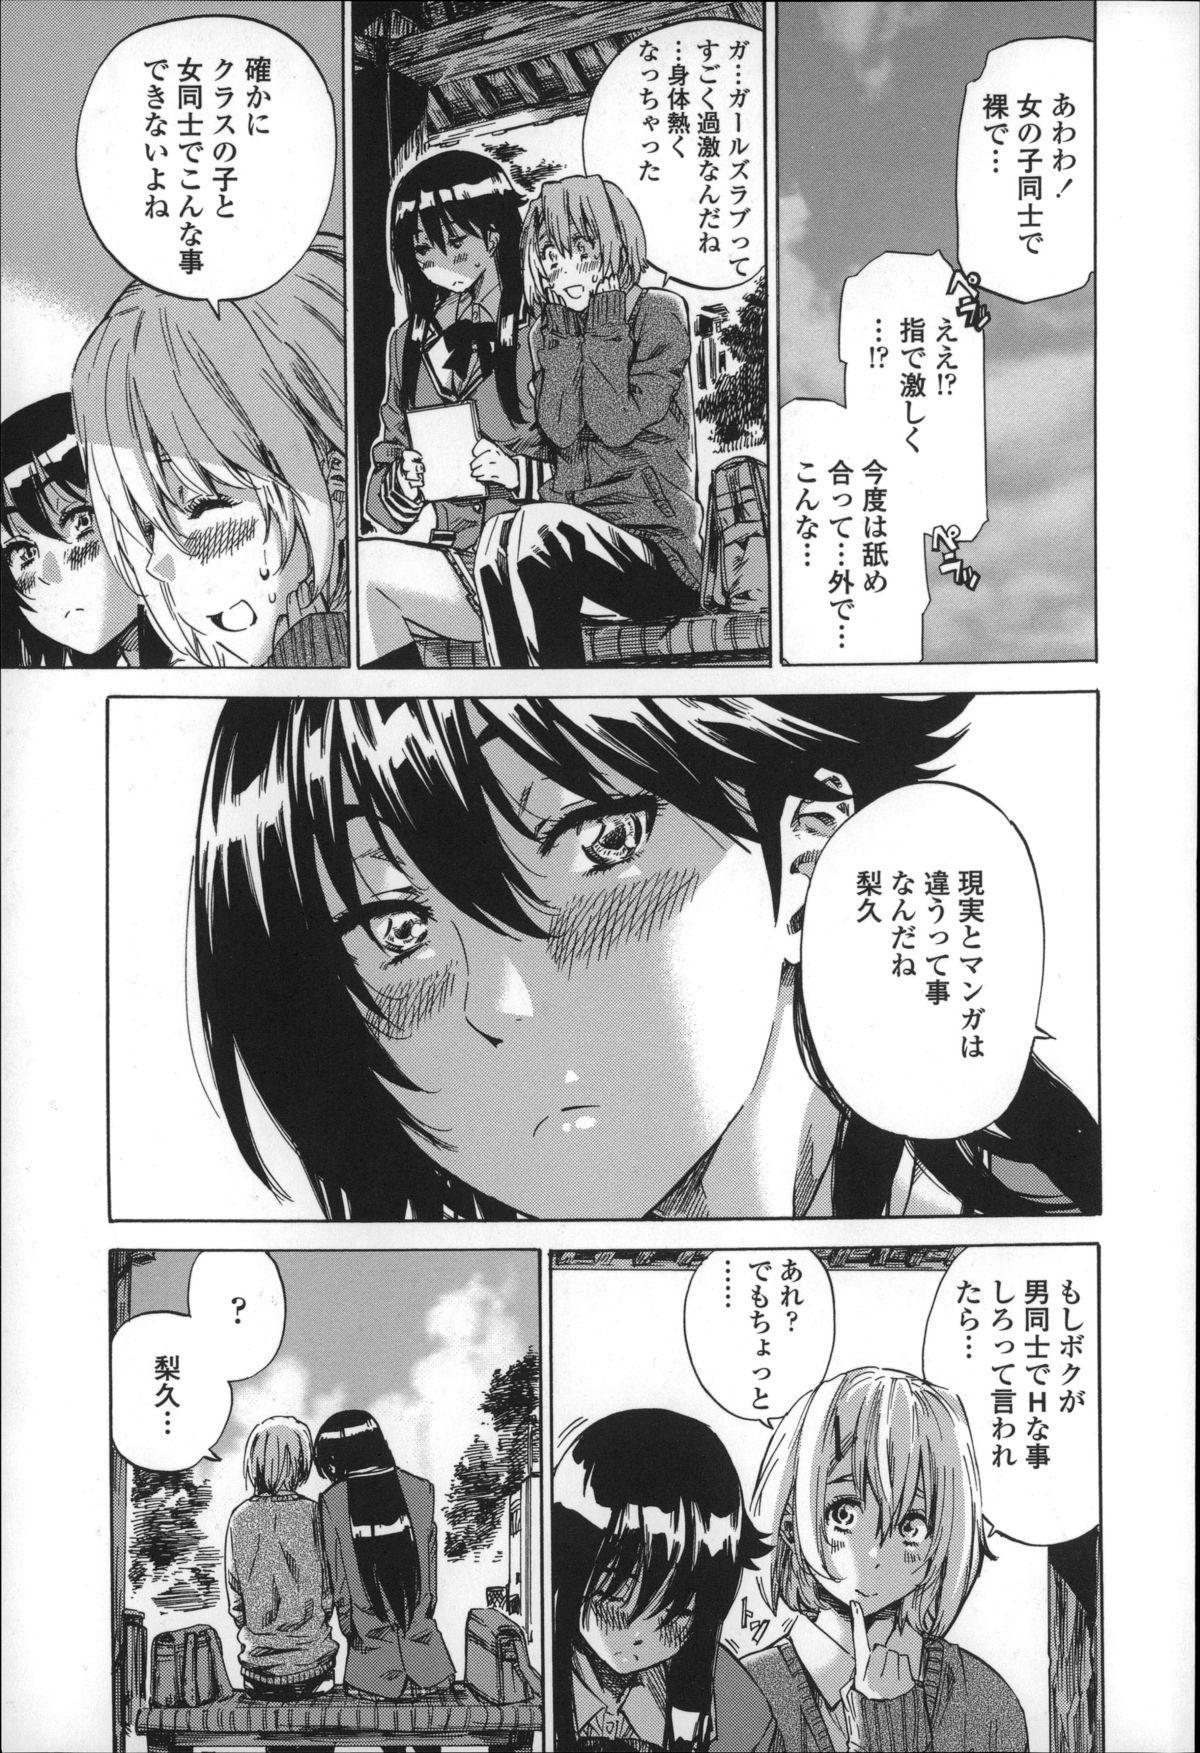 Choushin de Mukuchi no Kanojo ga Hatsujou Shite Kitara Eroiyo ne? 12